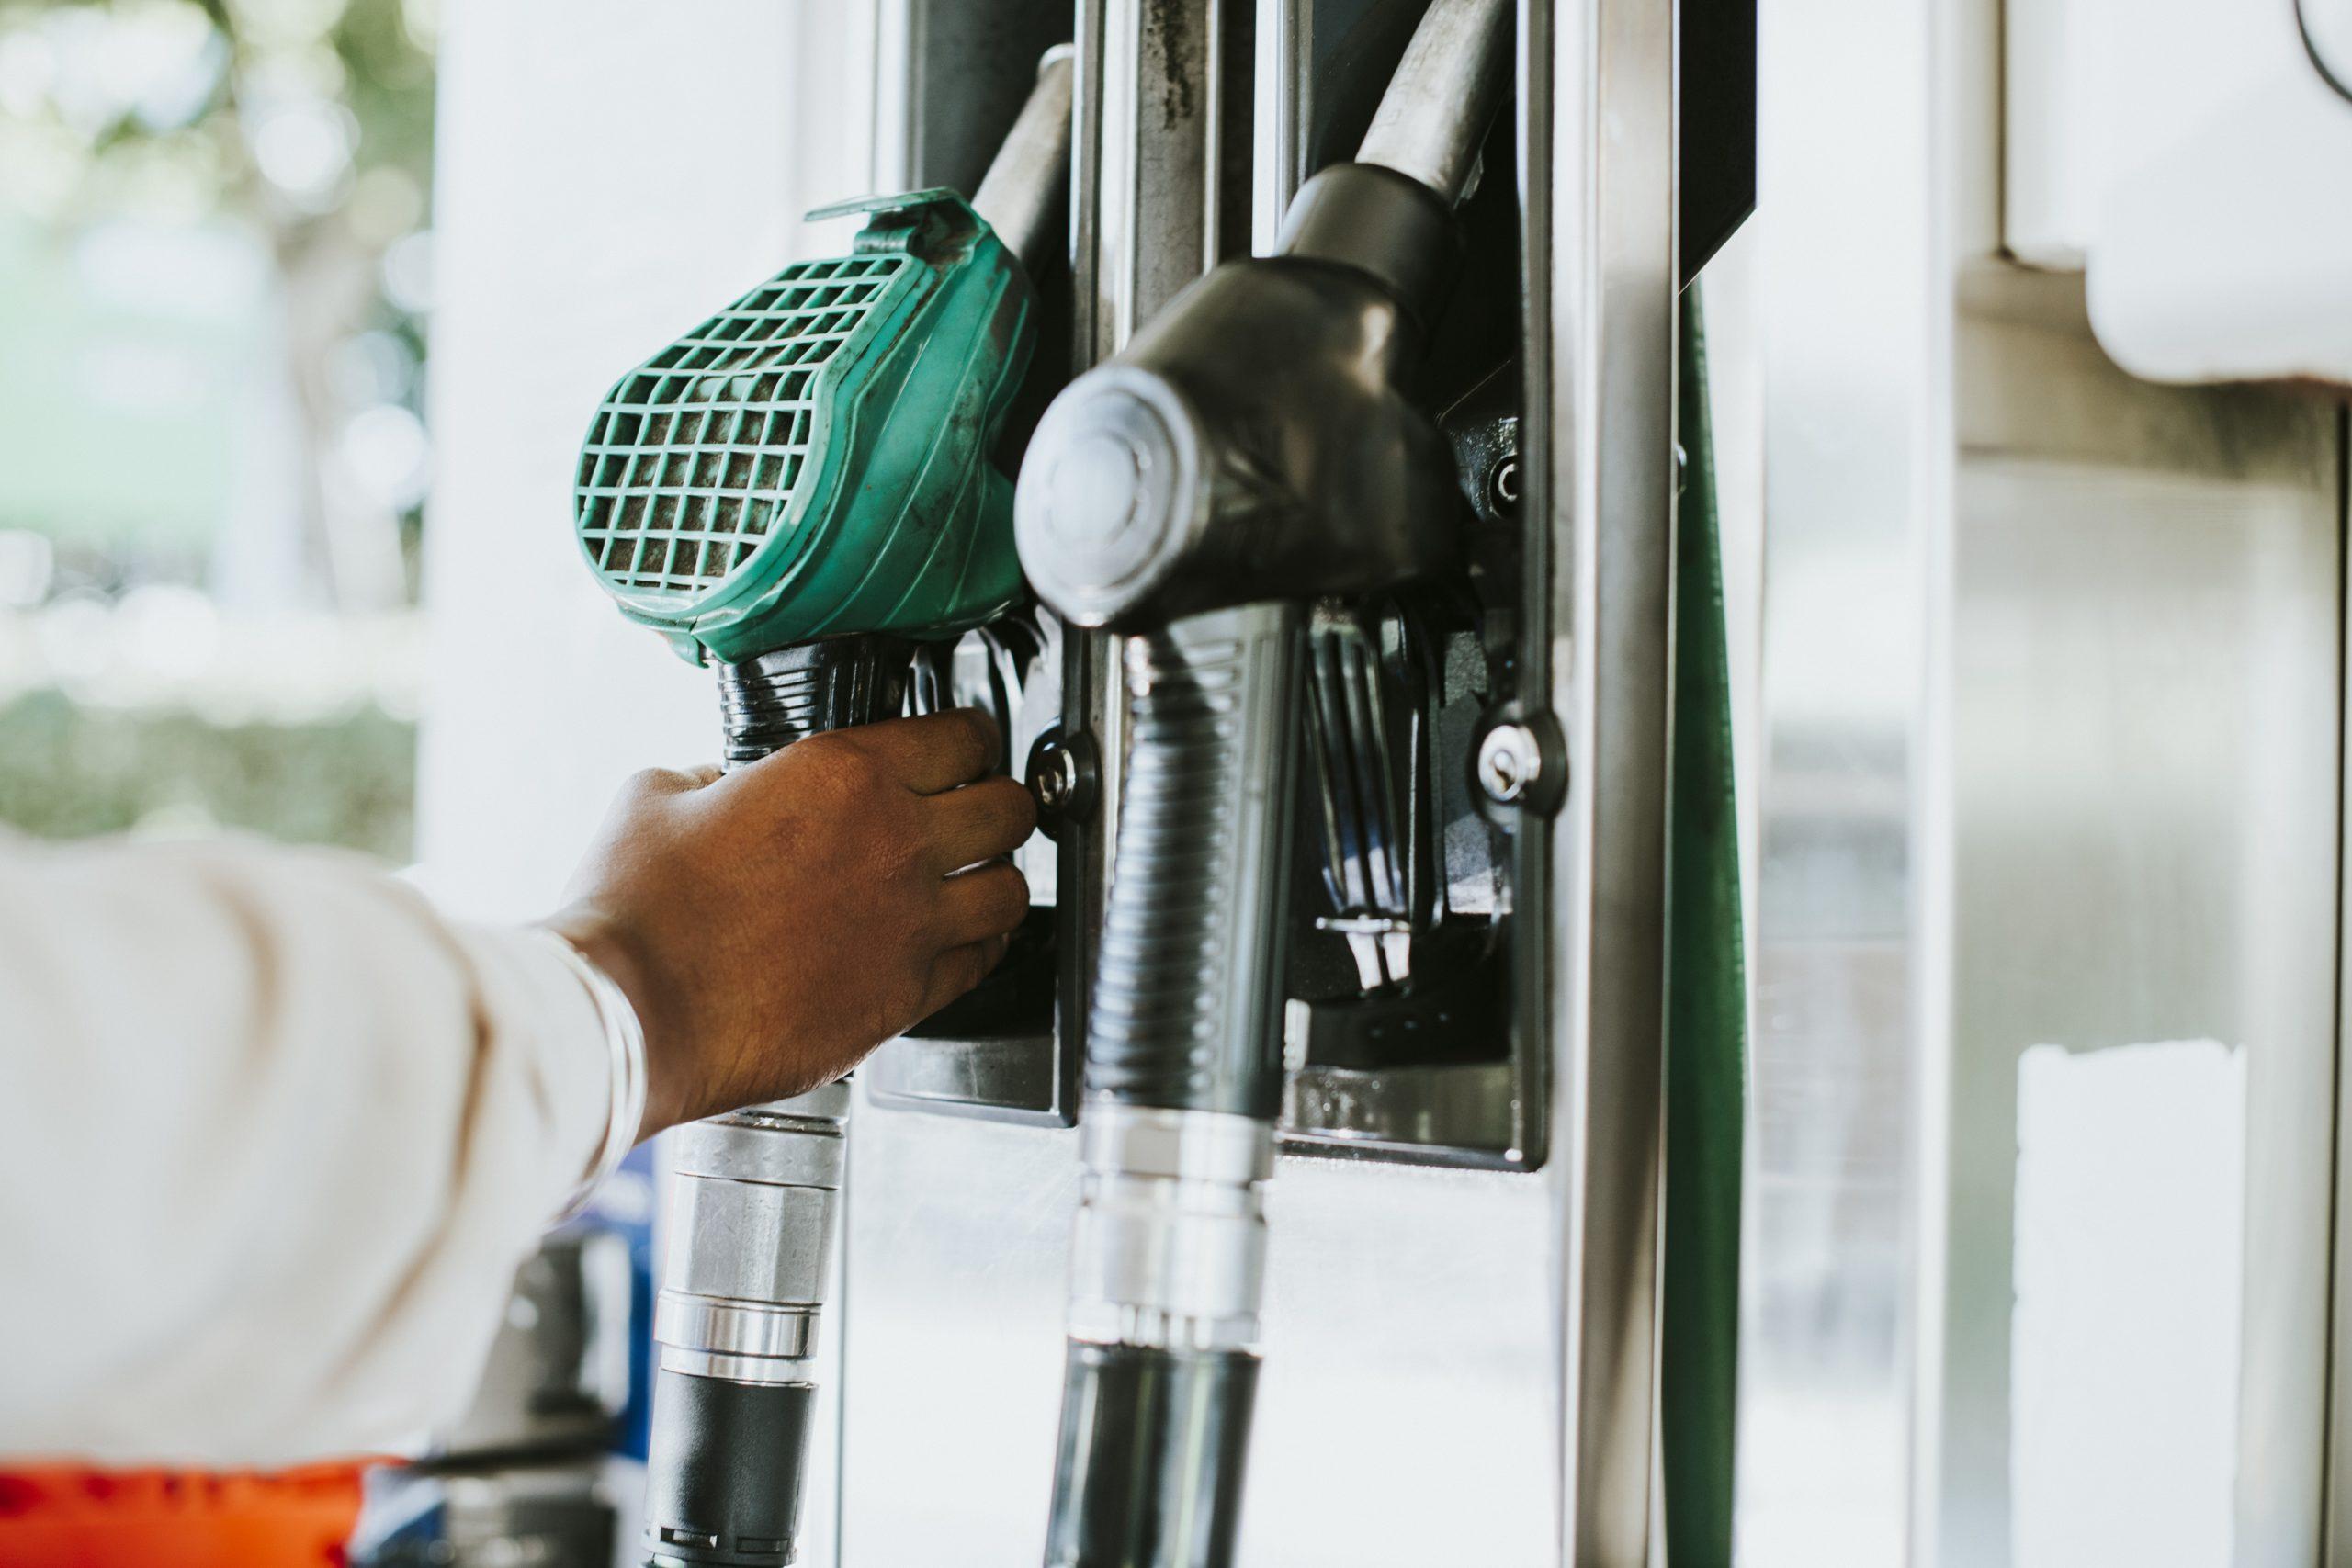 Rodzaje paliw – nowe oznaczenia na stacjach paliw